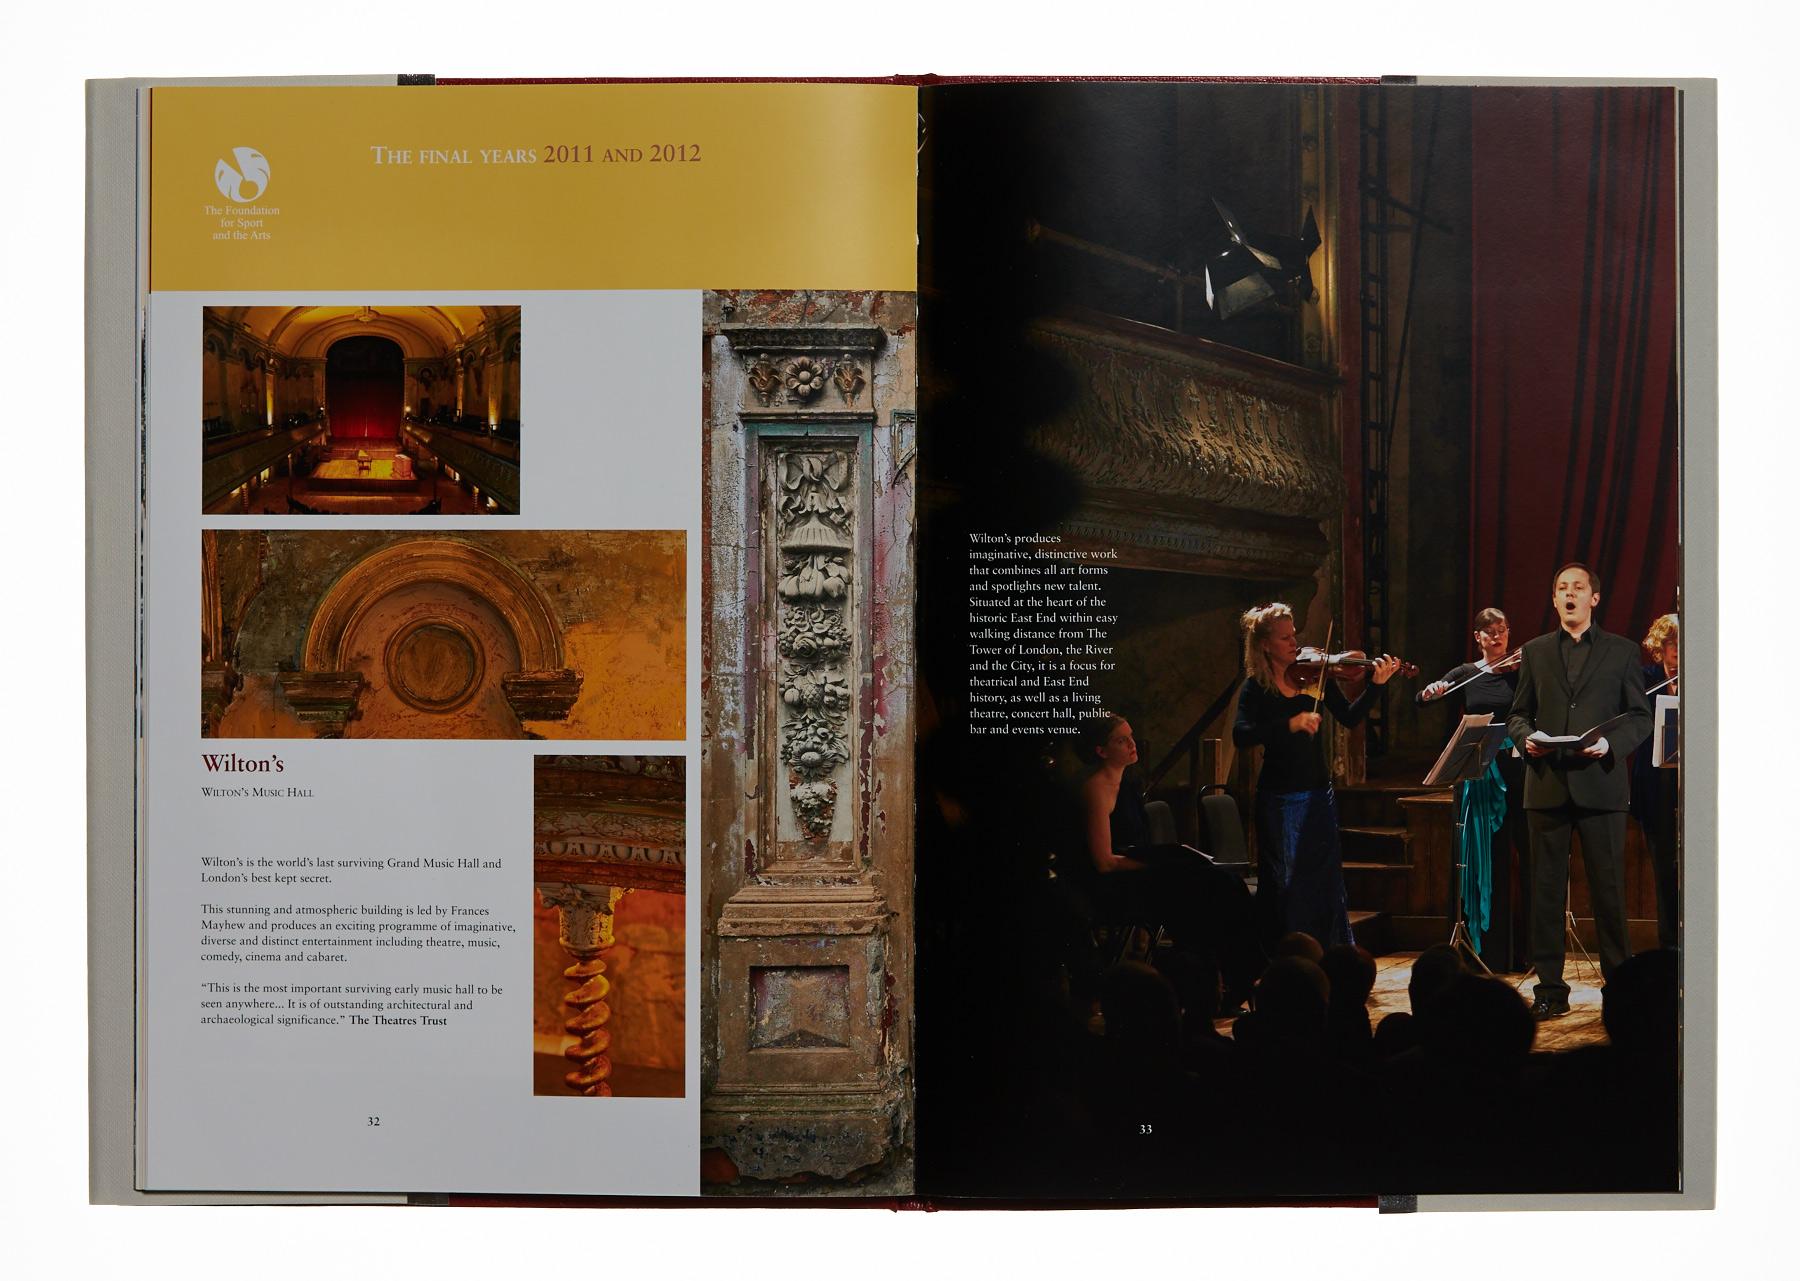 foundation-sport-arts-2012-08.jpg